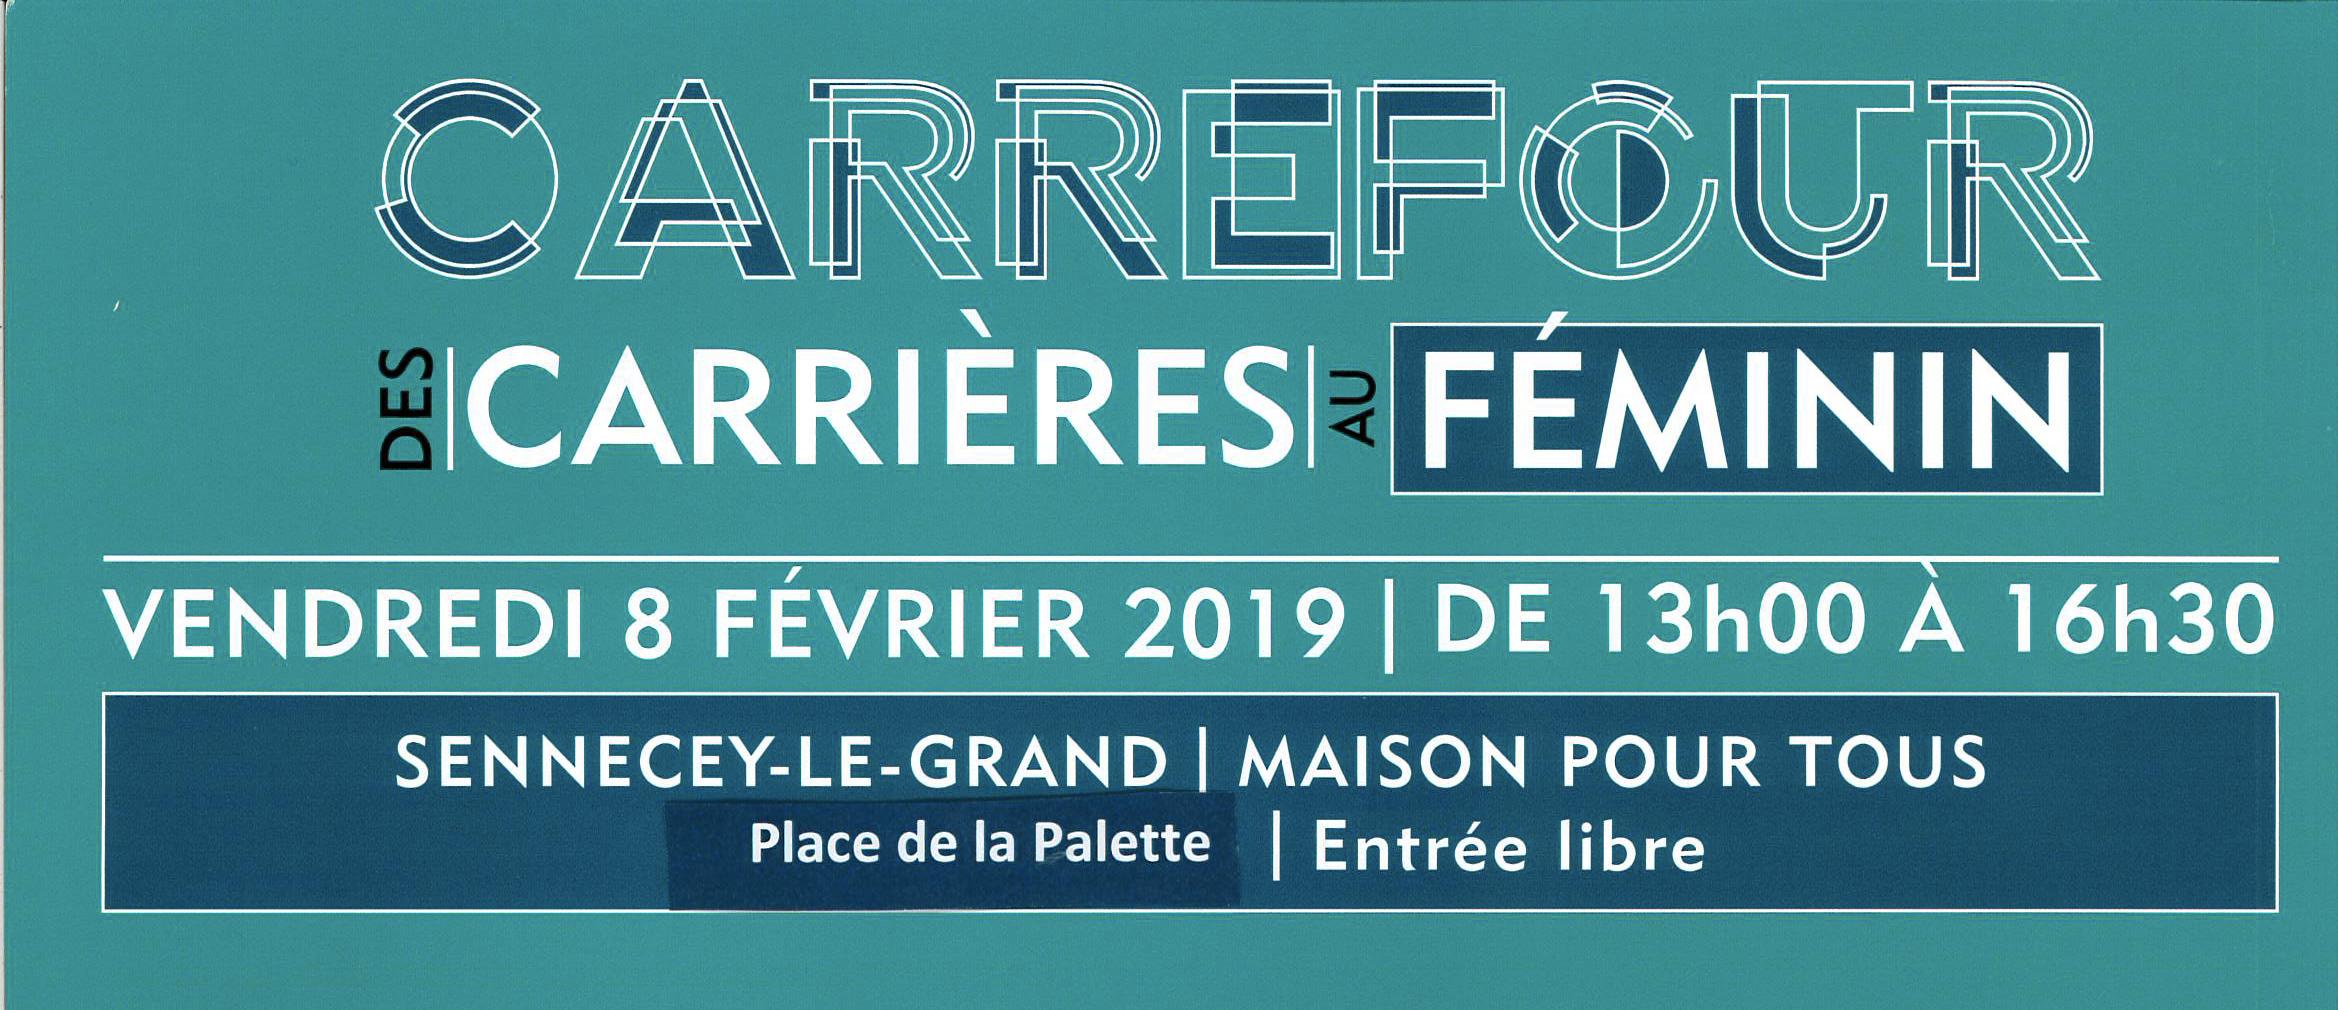 Carrefour des carrières au féminin (71)